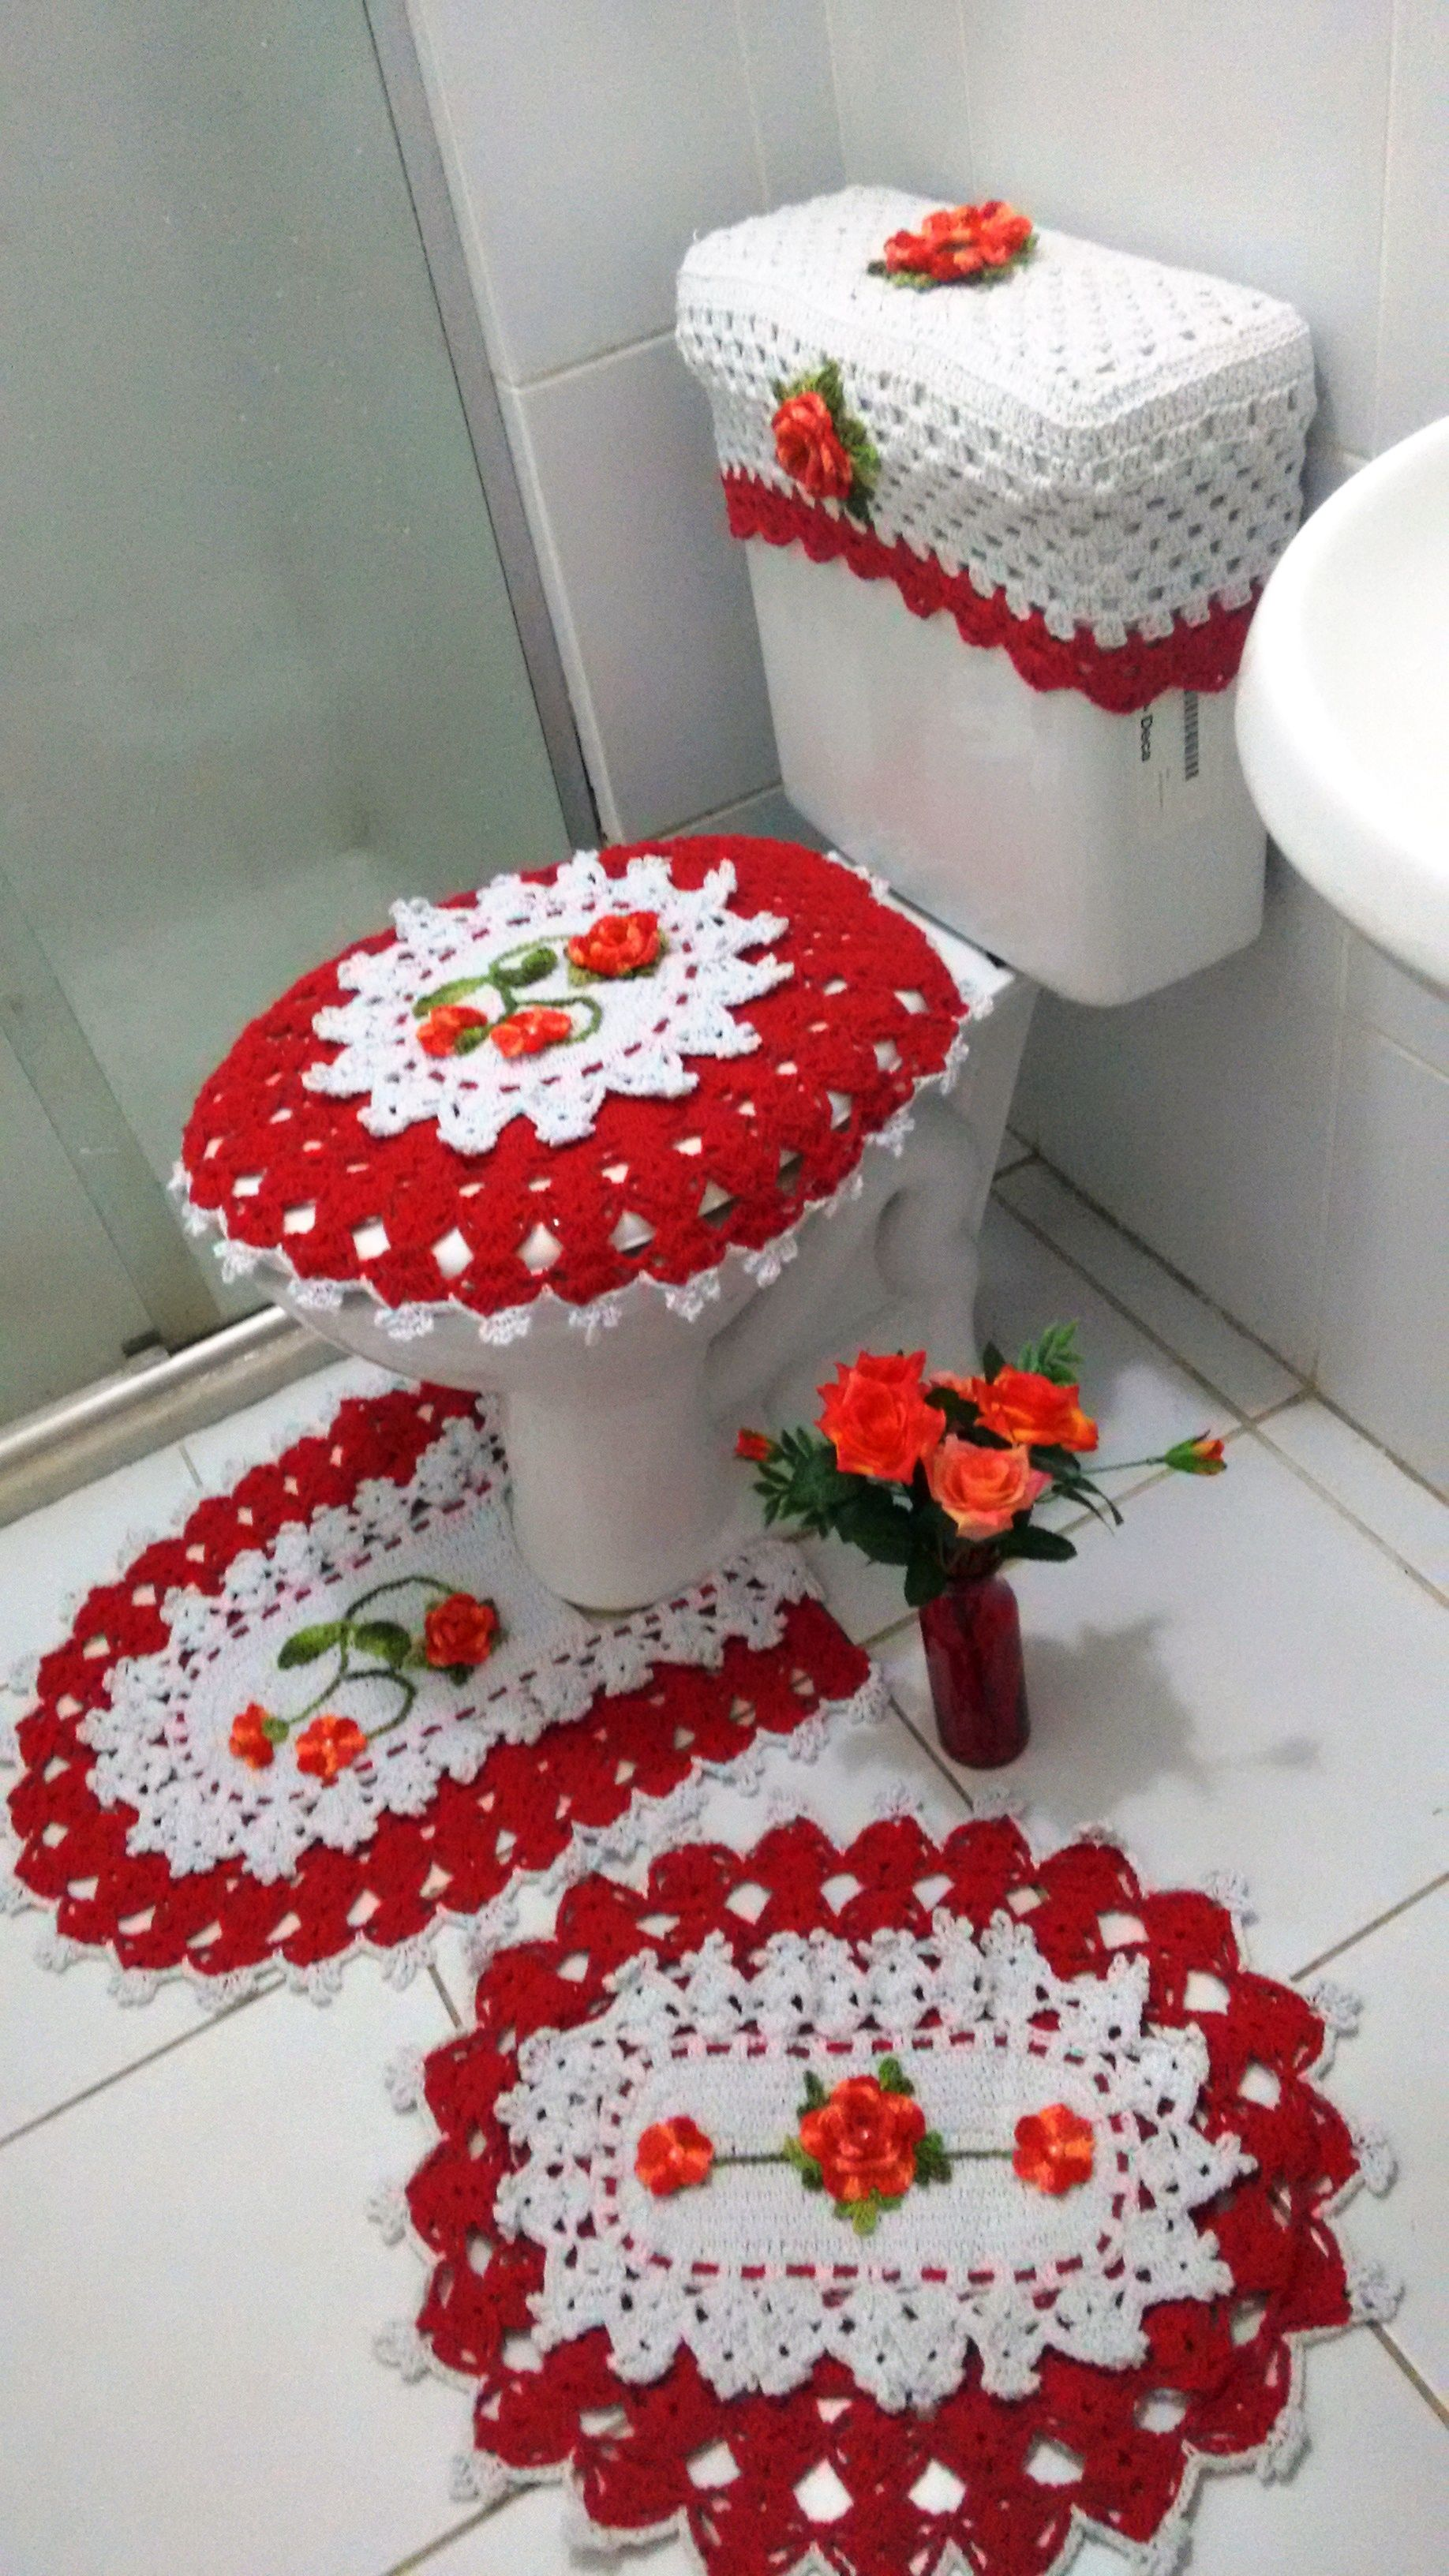 Jogo Banheiro Vermelho E Branco Artesa Ivana Guimaraes Jogos De Banheiro Croche Tapete Para Banheiro Jogos De Banheiro